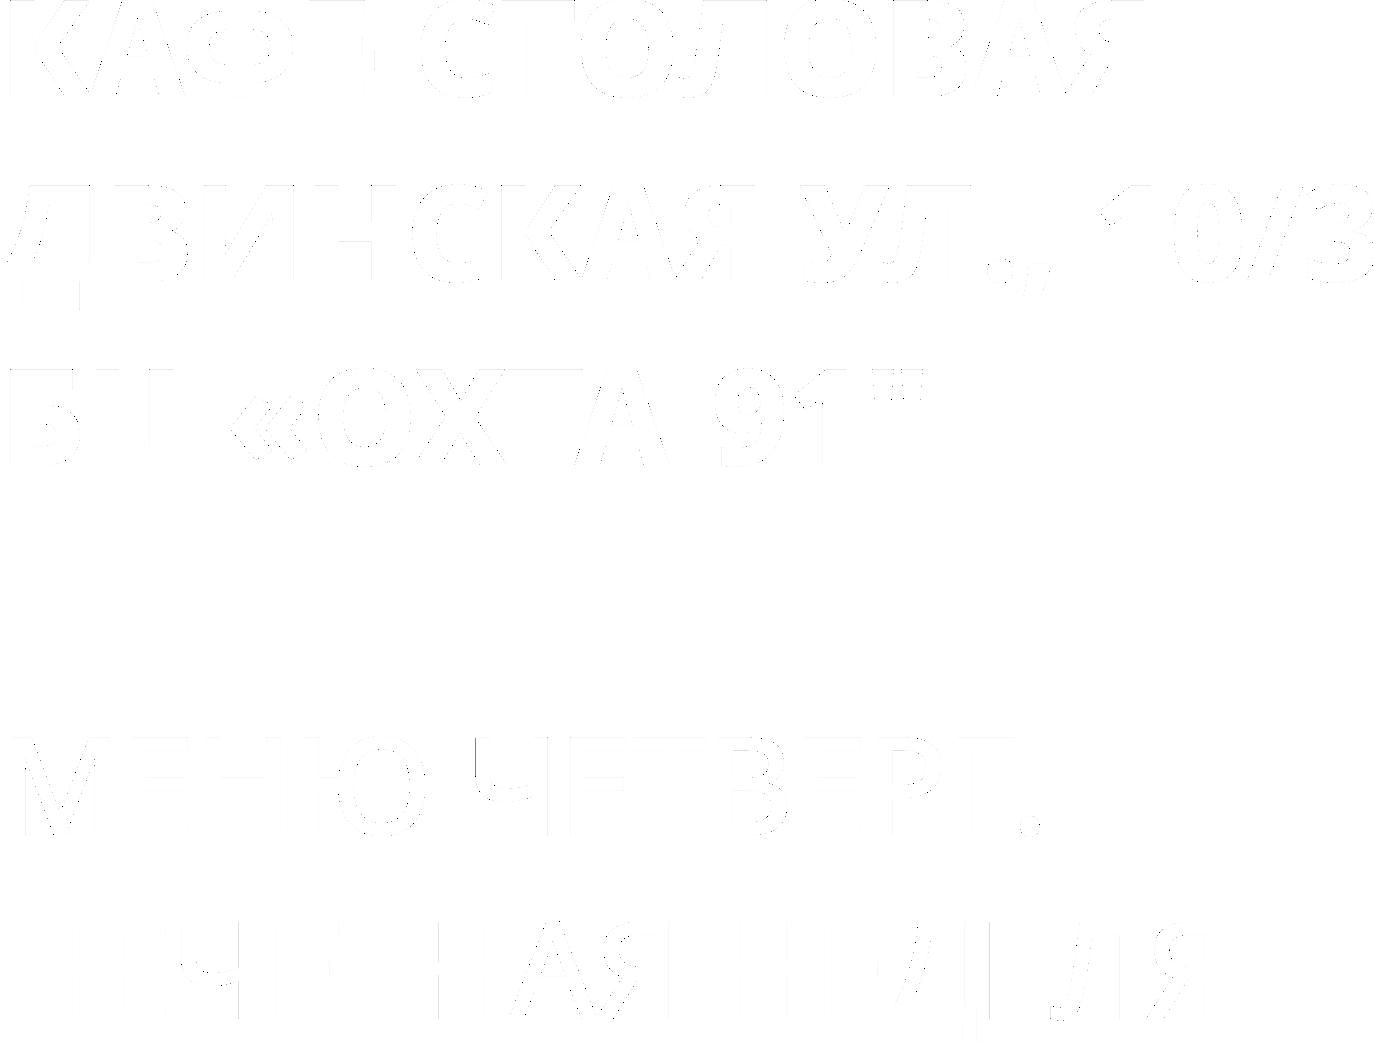 """КАФЕ-СТОЛОВАЯ БЦ """"ОХТА-91"""" Двинская ул., 10/3 МЕНЮ ЧЕТВЕРГ. НЕЧЕТНАЯ НЕДЕЛЯ"""